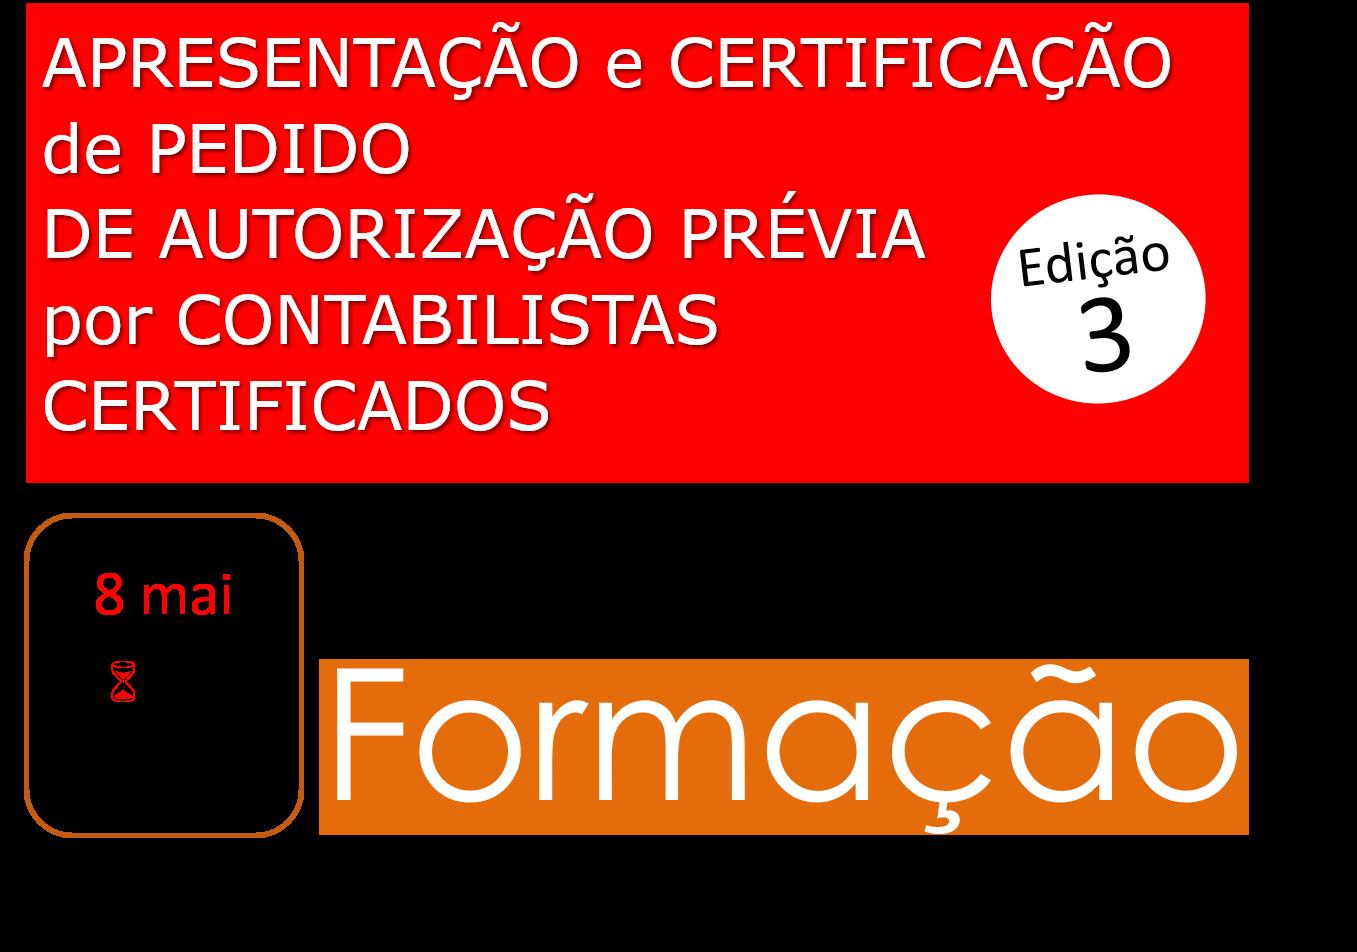 APRESENTAÇÃO e CERTIFICAÇÃO de PEDIDO DE AUTORIZAÇÃO PRÉVIA por CONTABILISTAS CERTIFICADOS - 8/mai